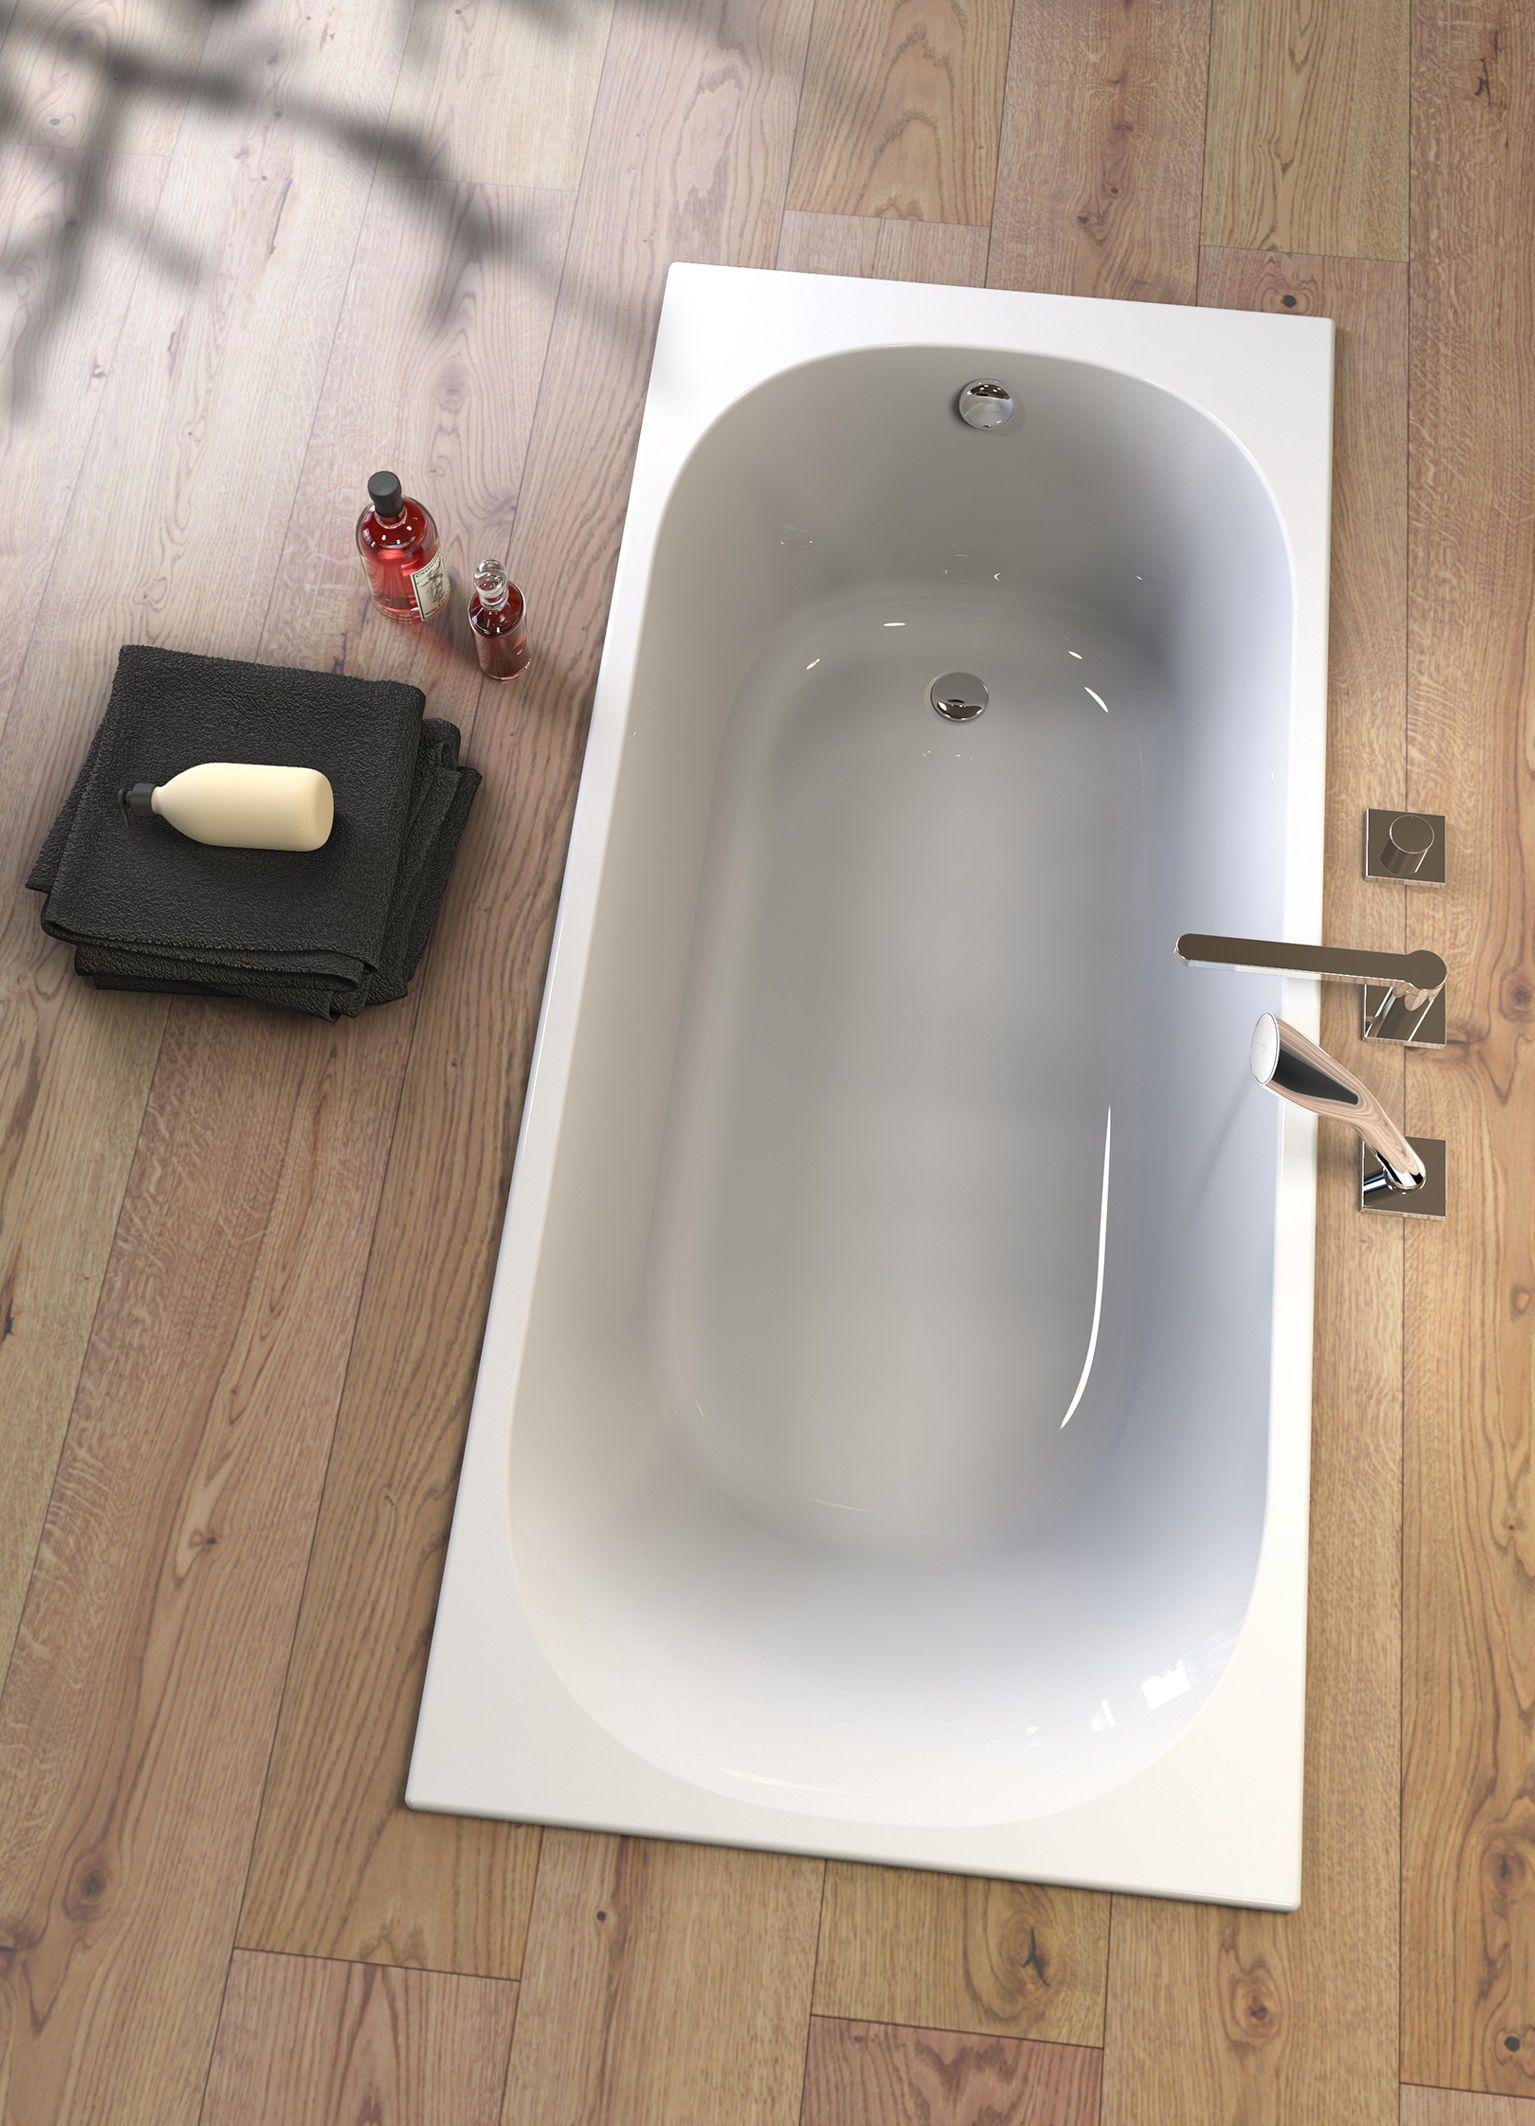 Badezimmer Richtig Planen Mit Unterstutzung Von Wohndirwas